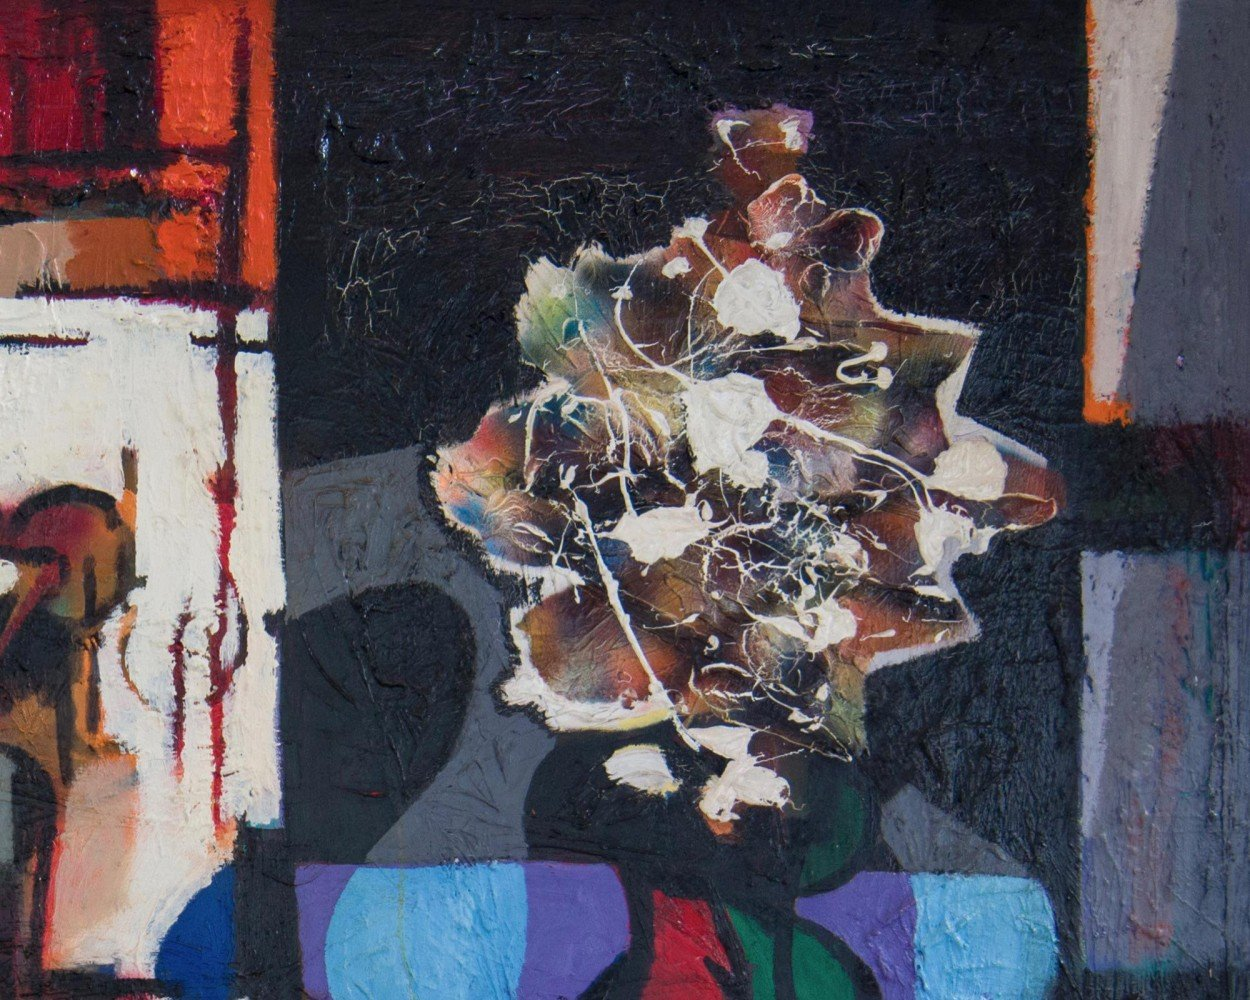 Composition en Ré by Claude Venard